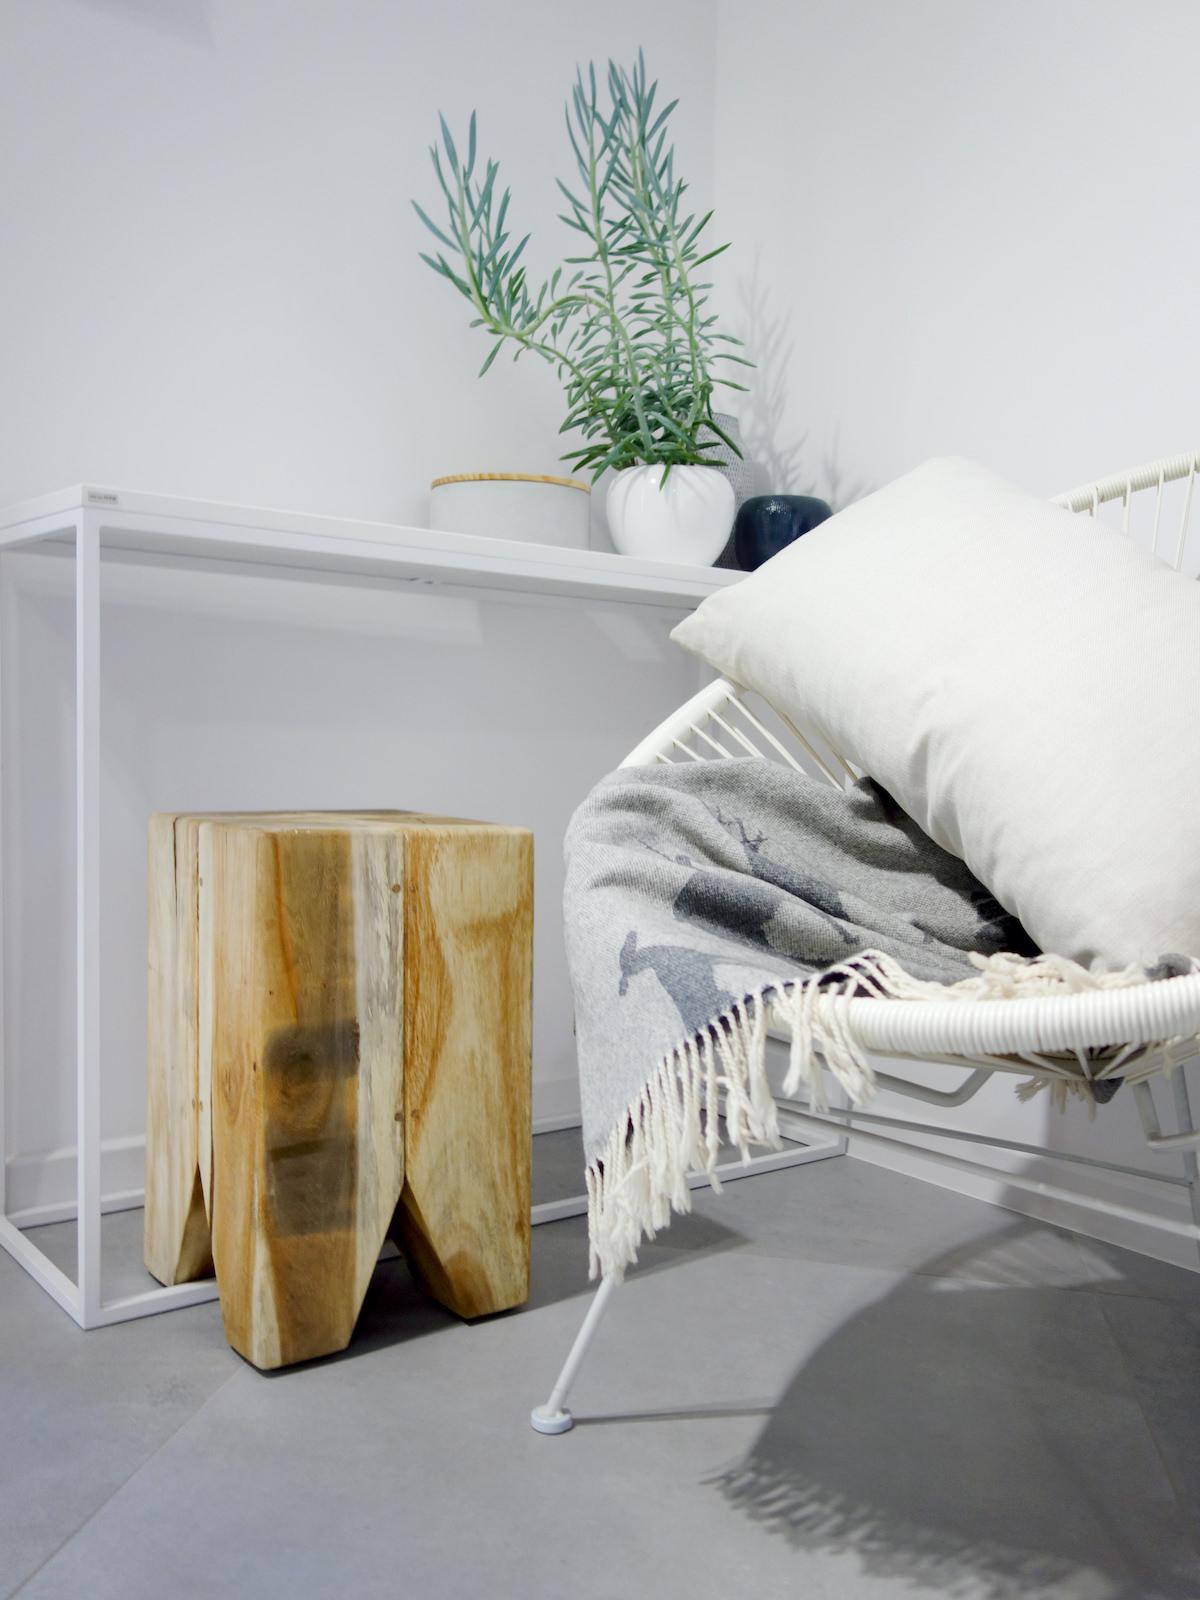 2 projektant wnetrz R056 dom dabrowa gornicza hol detal bialy fotel drewniany stolek